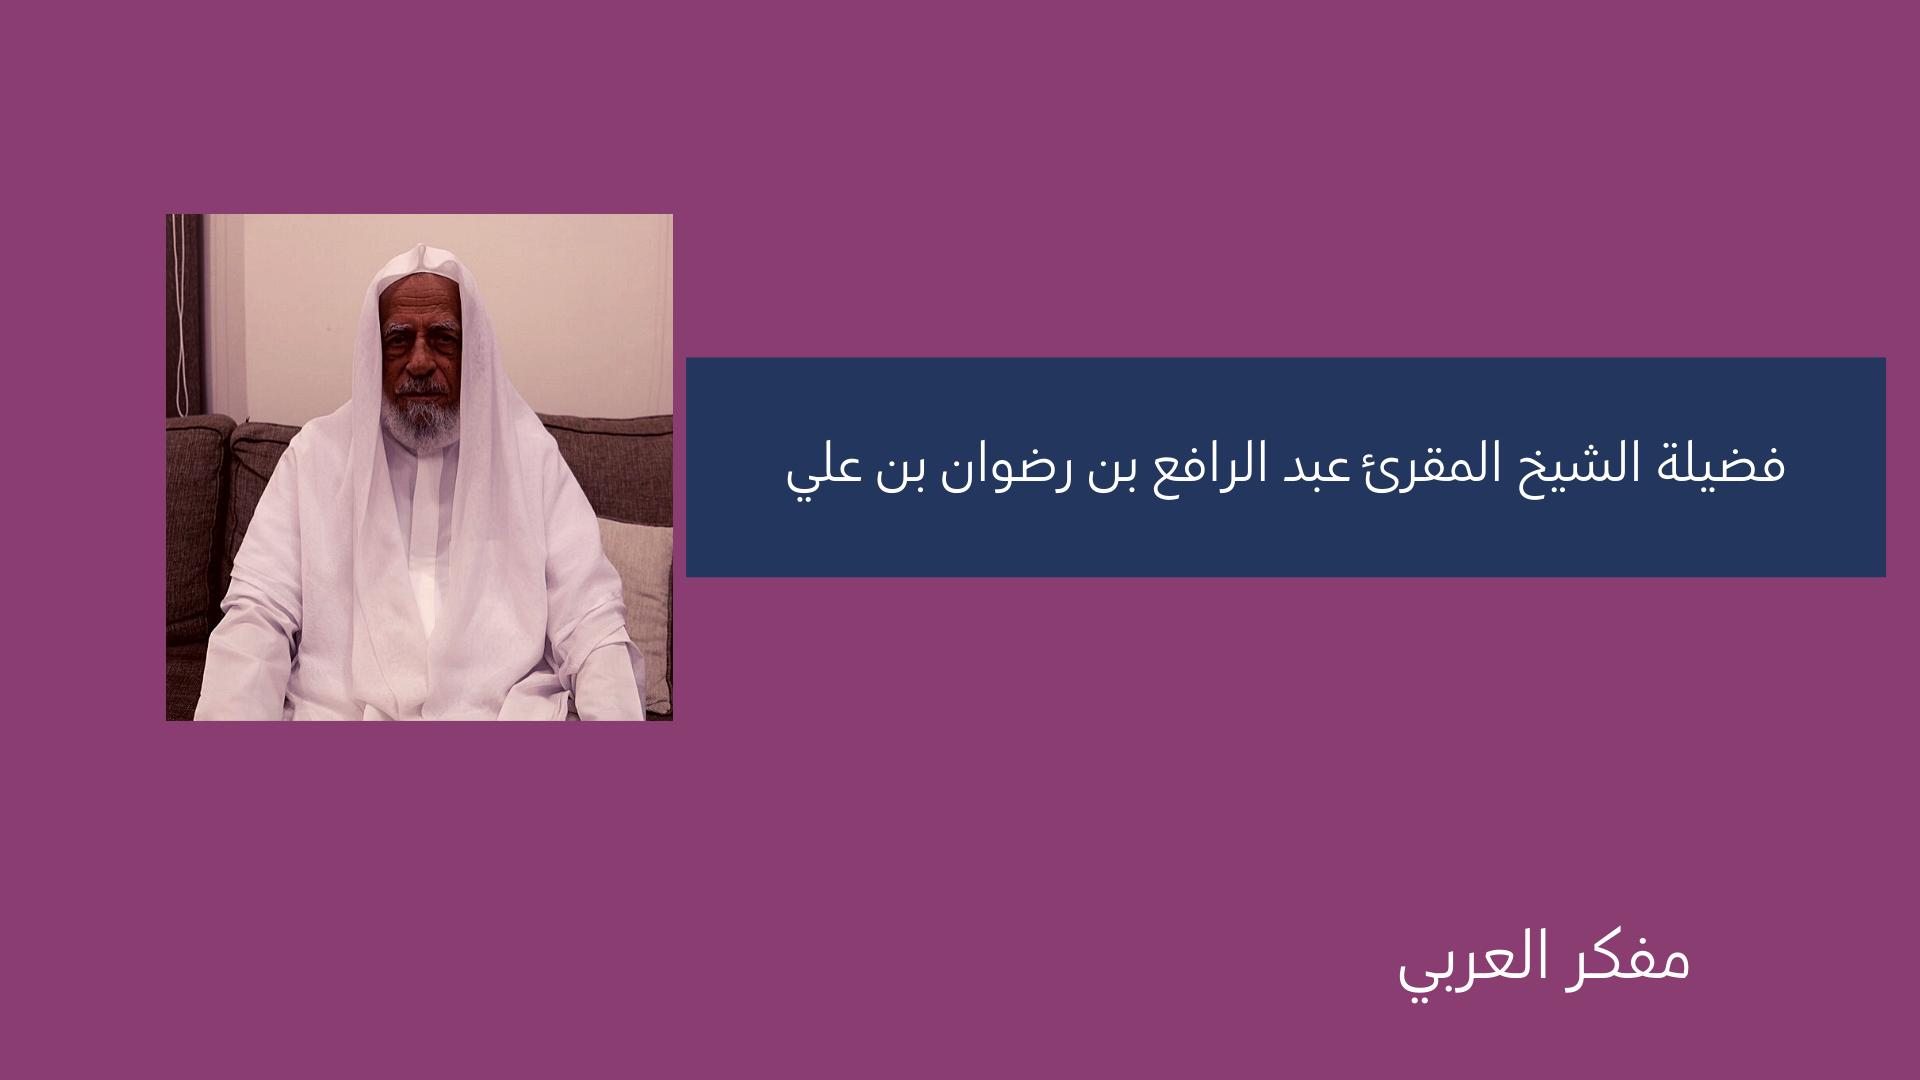 الشيخ عبد الرافع رضوان علي الشرقاوي